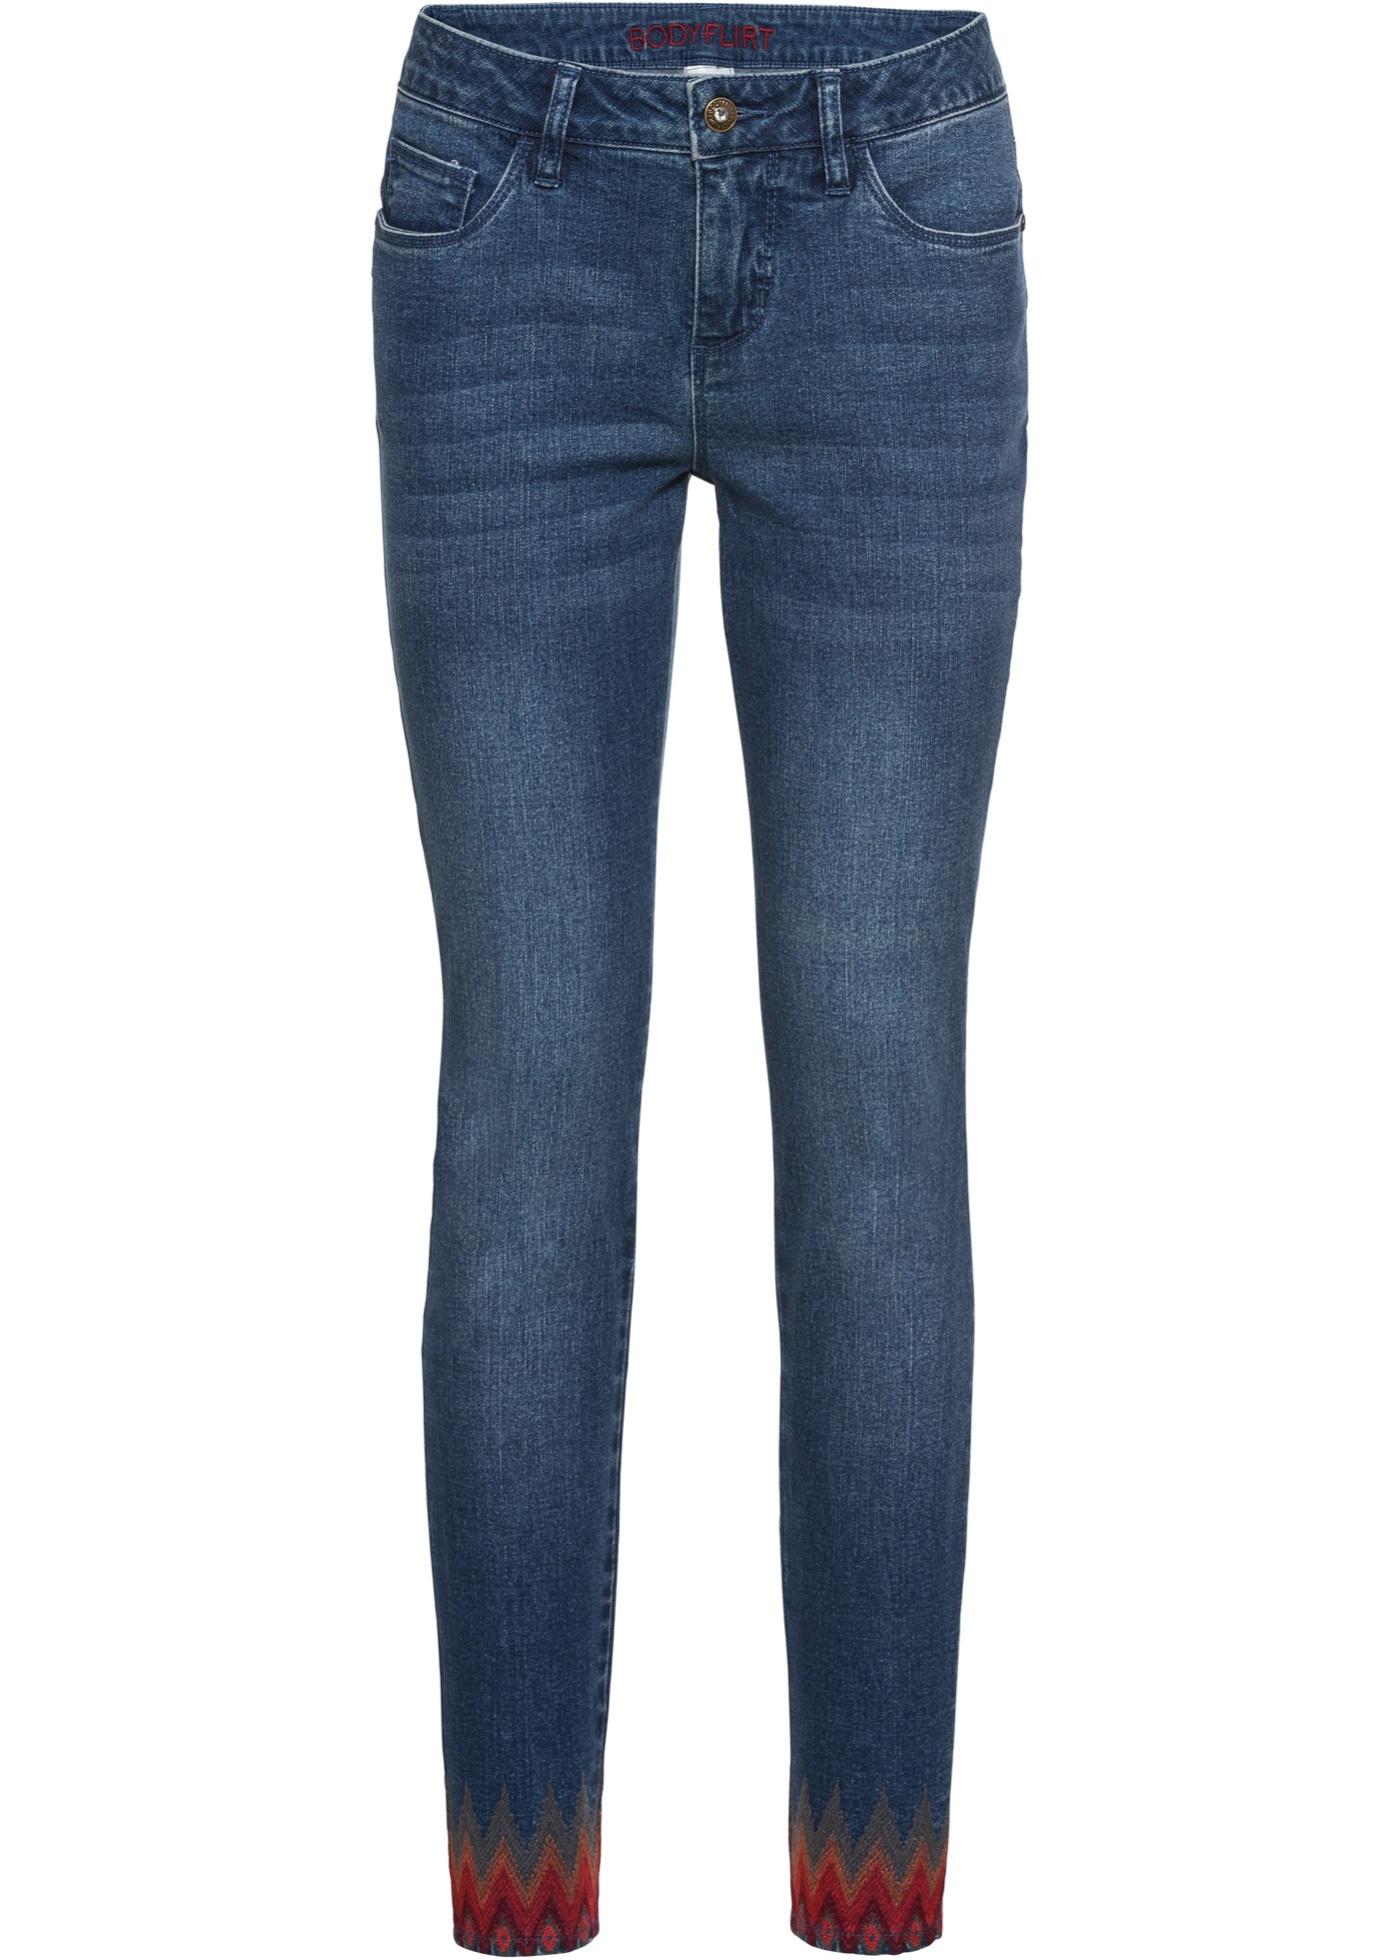 Bonprix SE - Jeans med etnobroderi 379.00